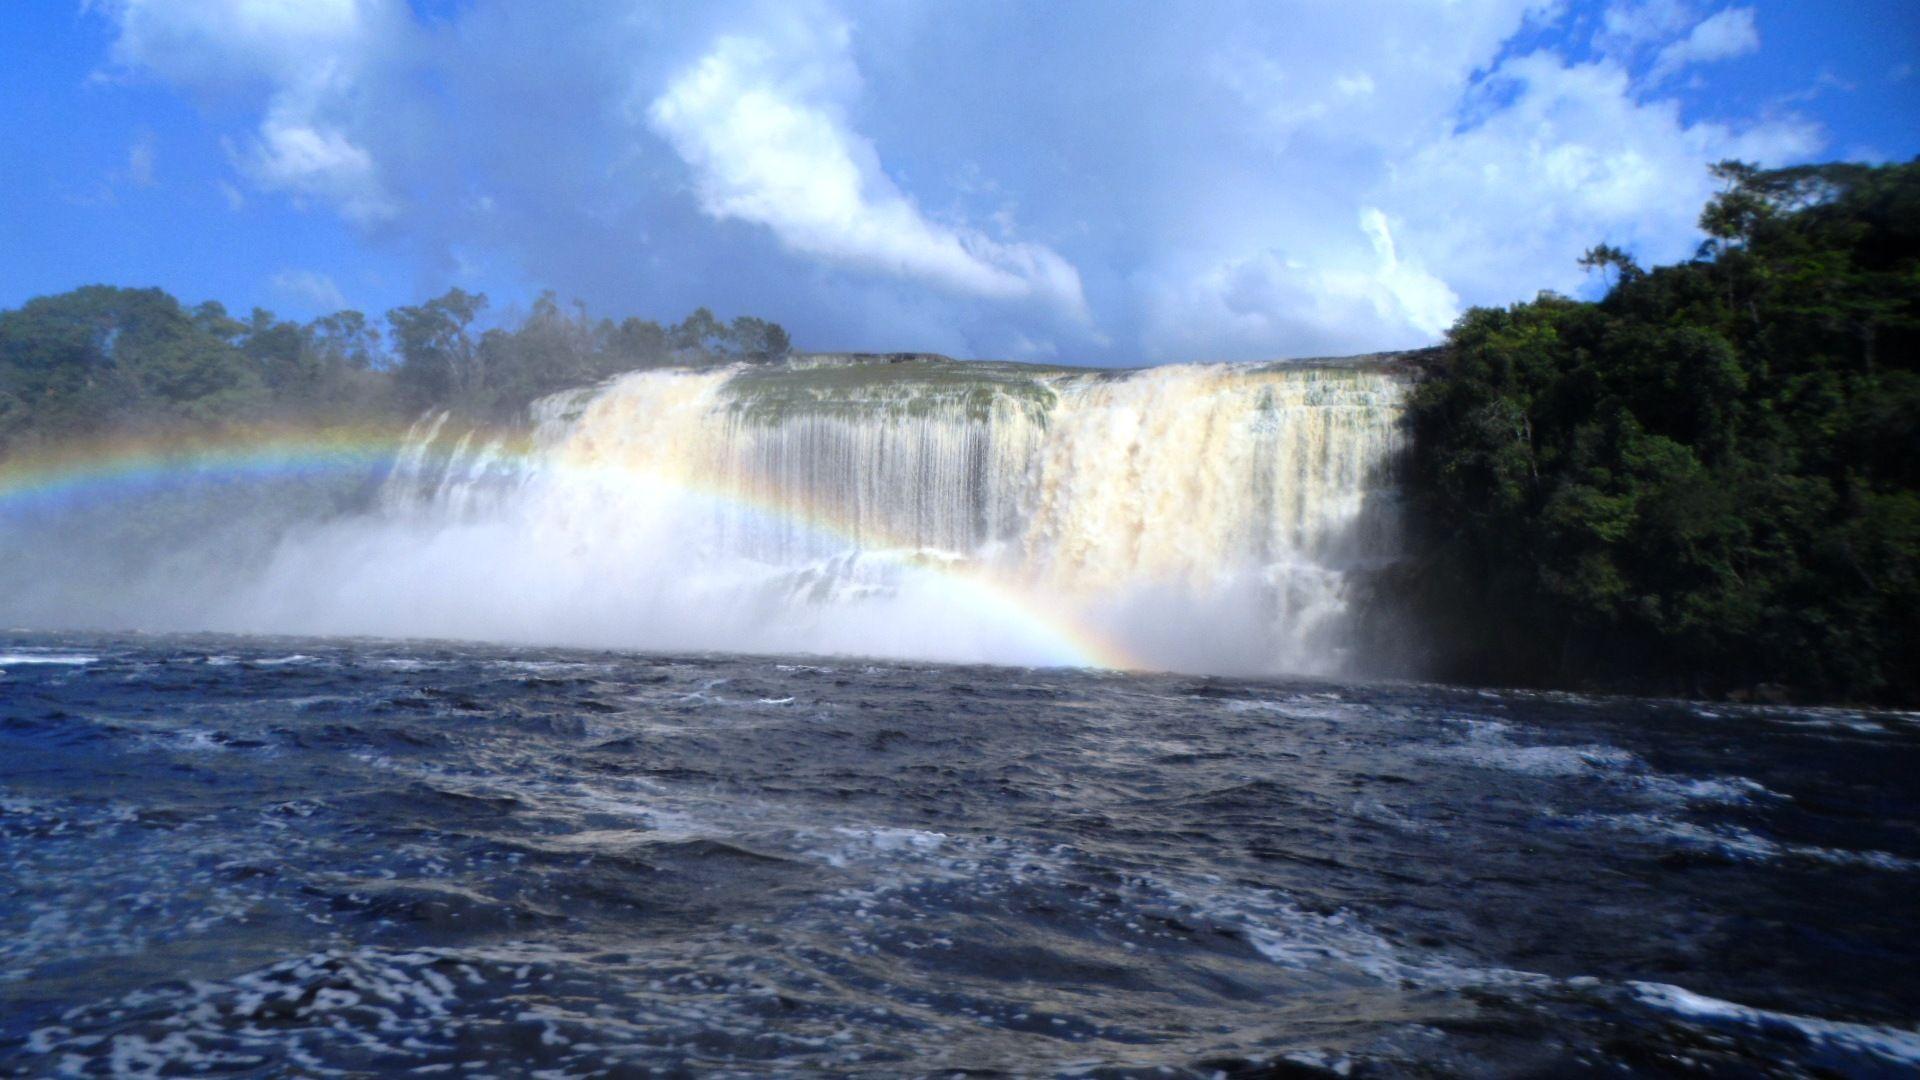 Parque Nacional Canaima. Bolívar. Venezuela